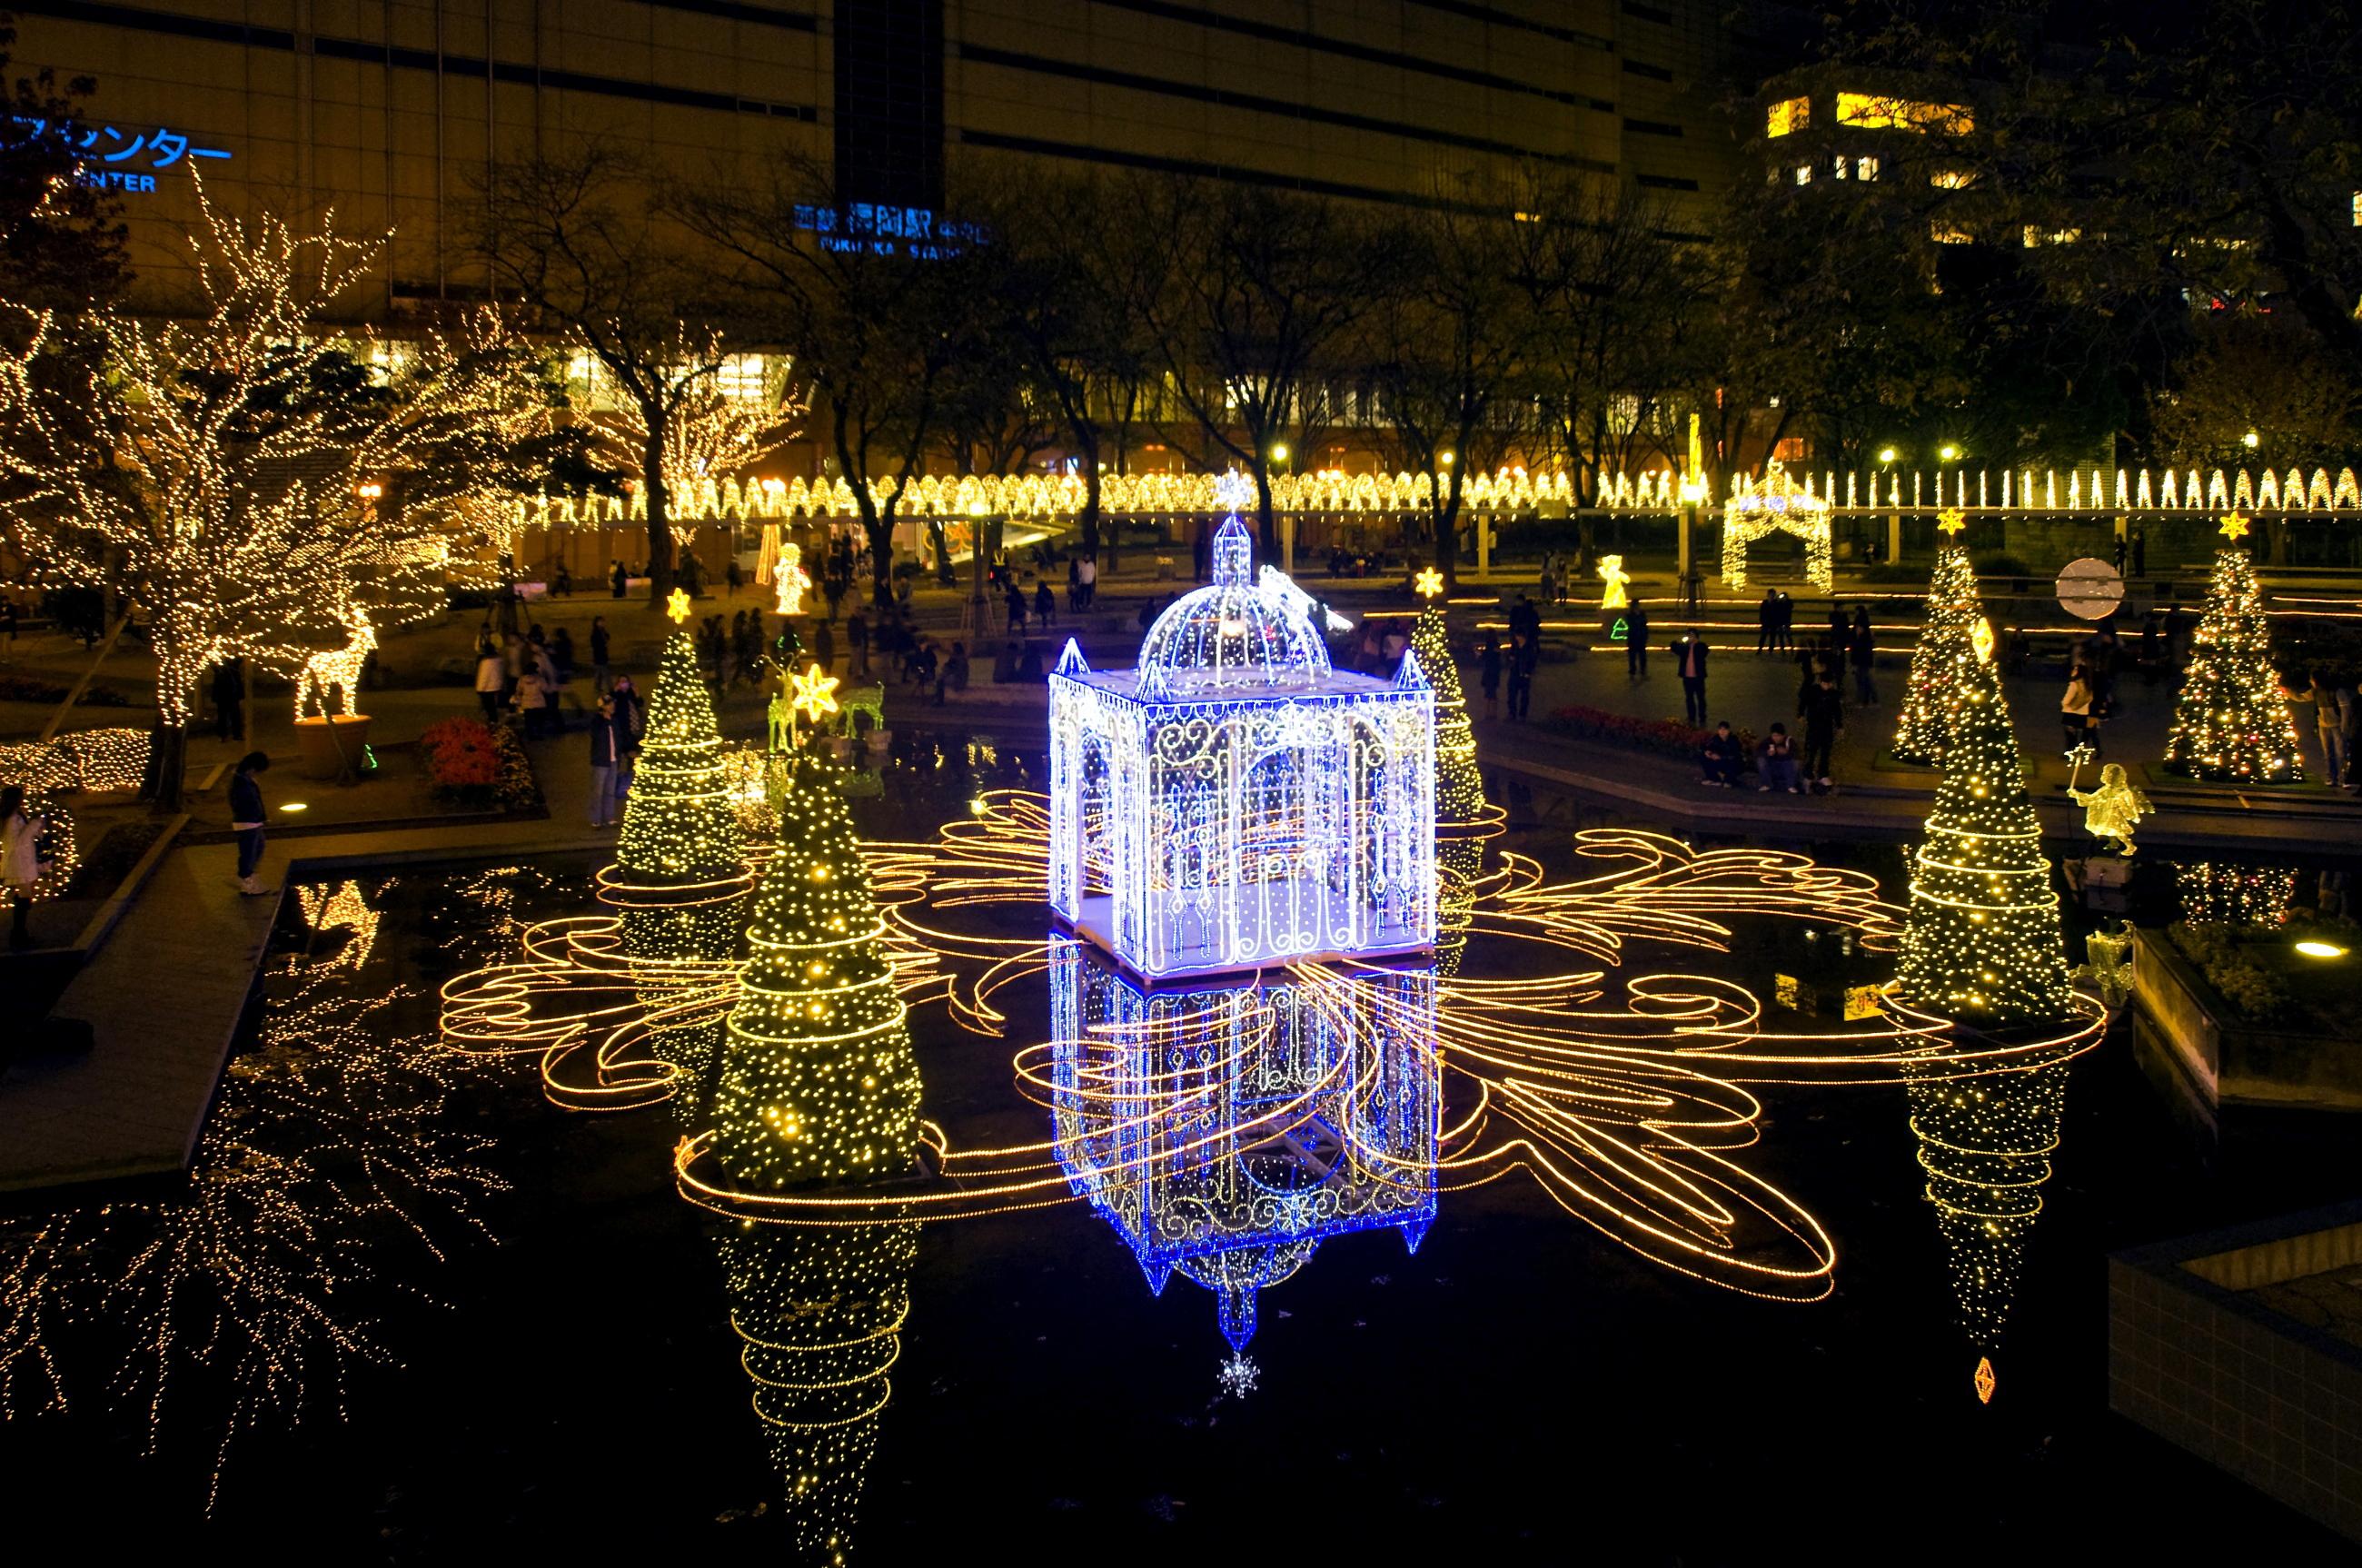 天神クリスマス(2010)の画像